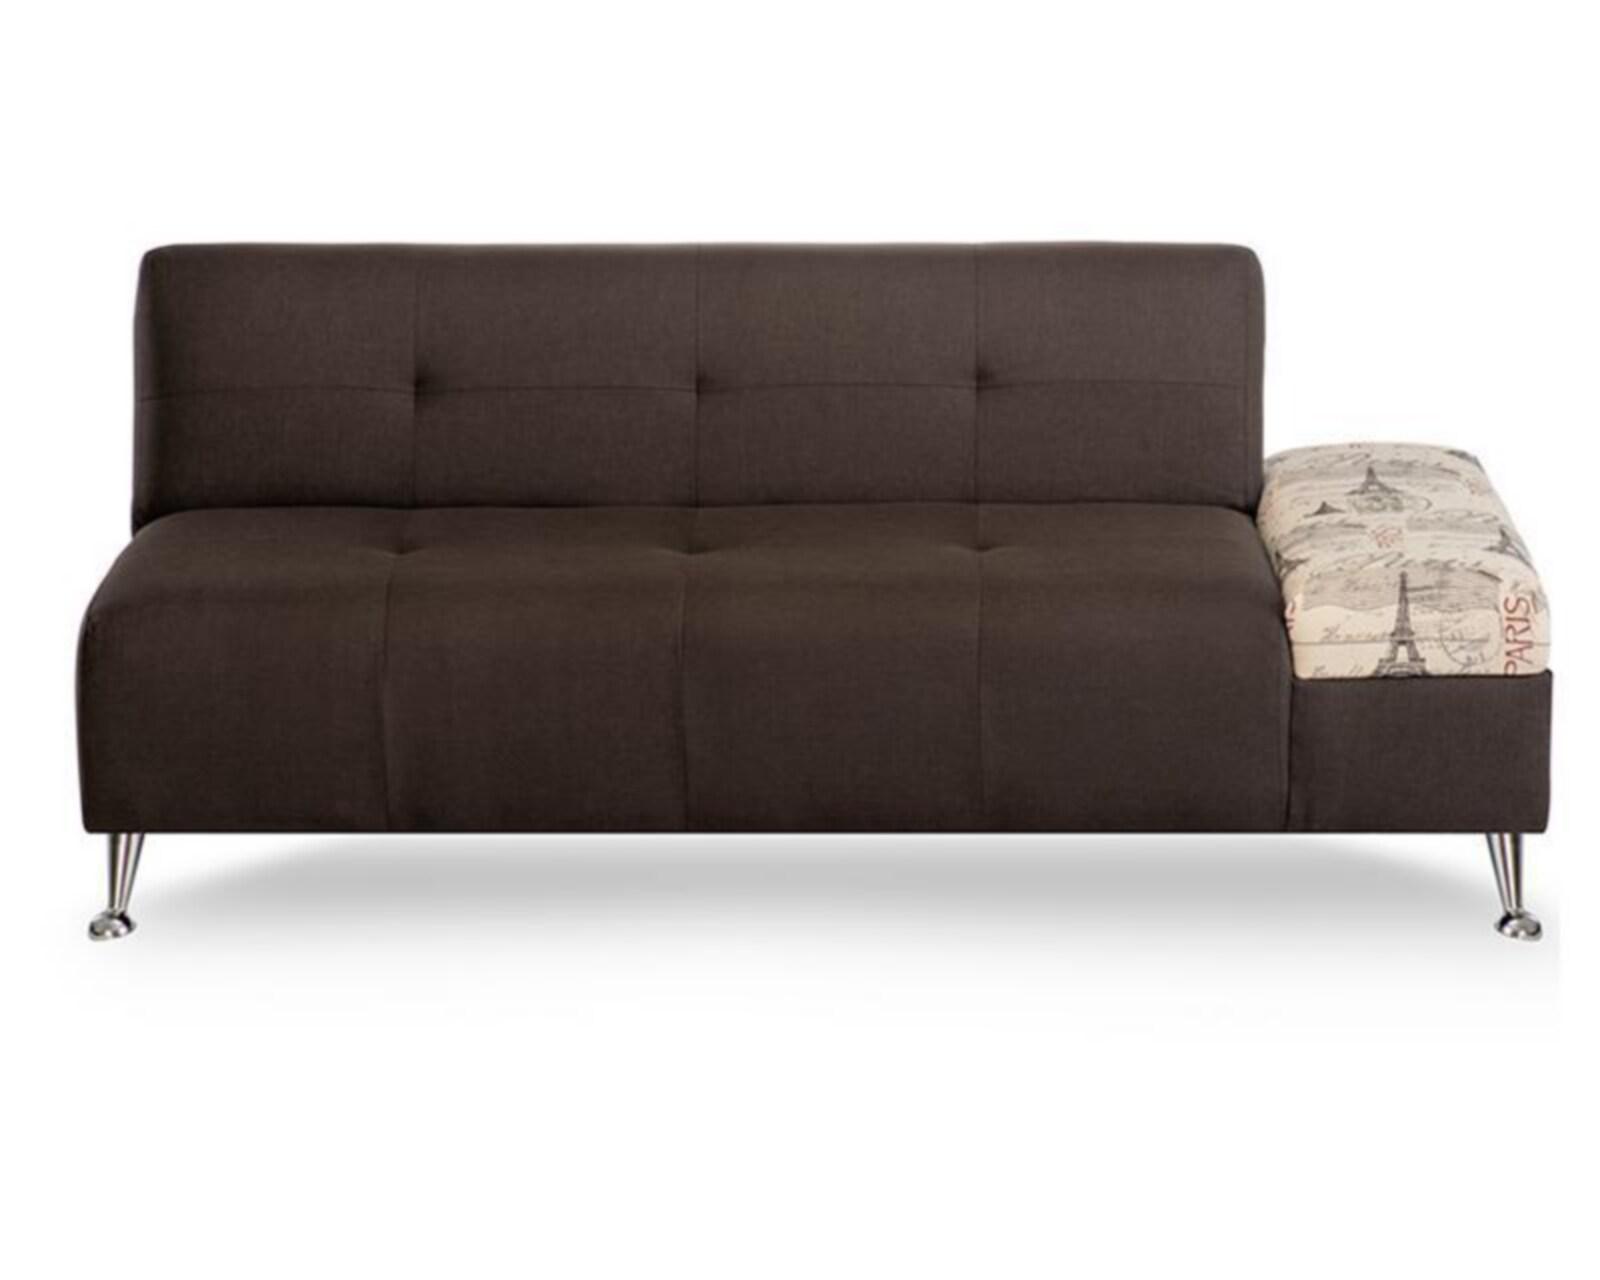 sofa cama individual mexico df sure fit waterproof soft suede throw taupe sofas en linea coppel com saloto semilino chocolate